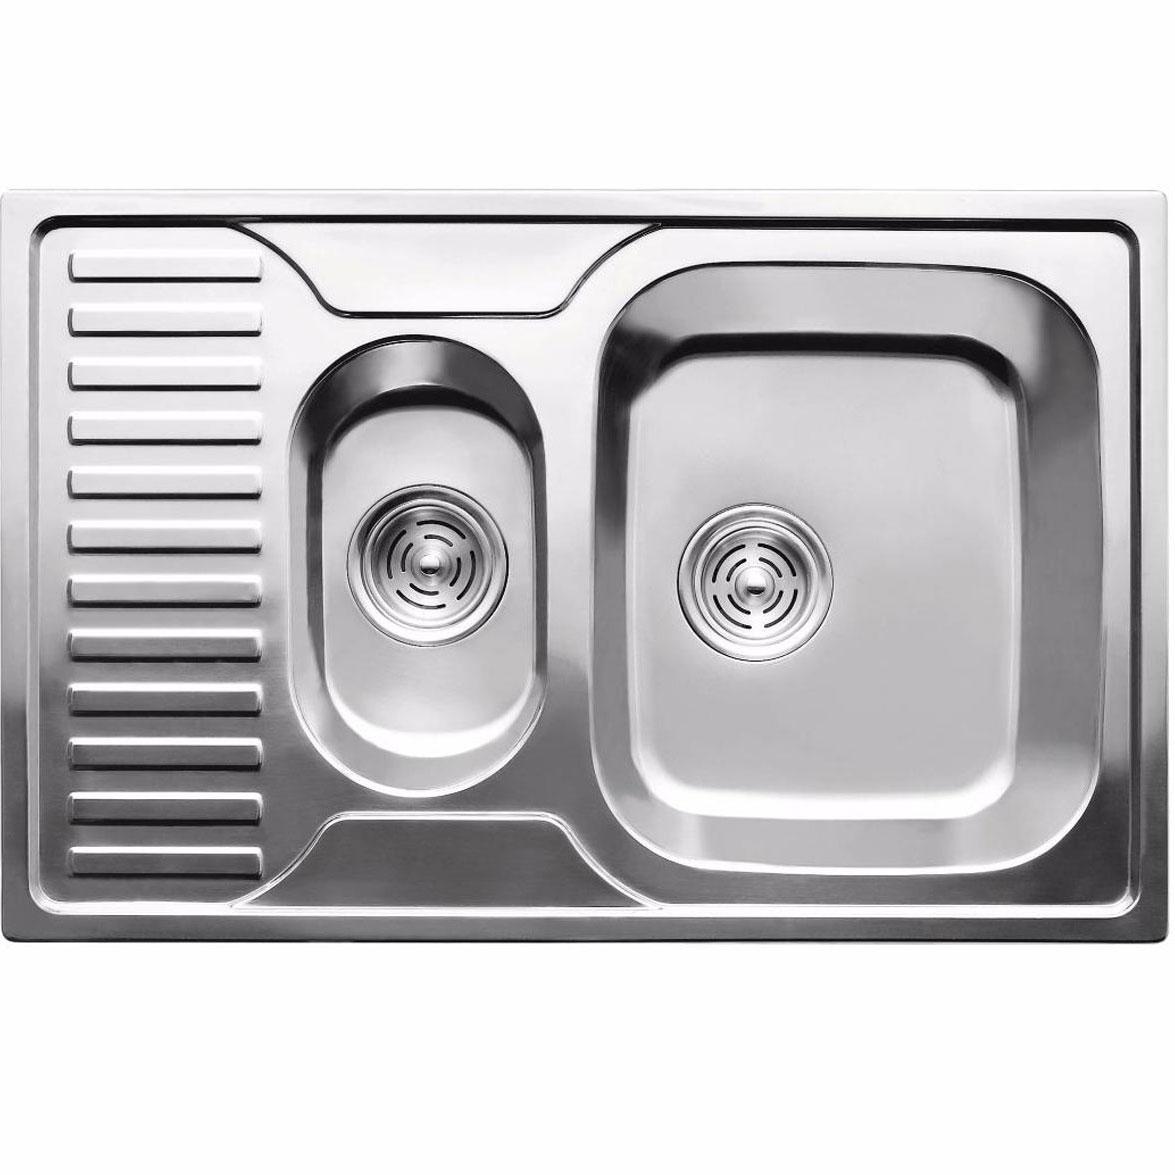 Кухонные мойки ULA Кухонная мойка из нержавеющей стали ULA HB 7301 ZS Decor